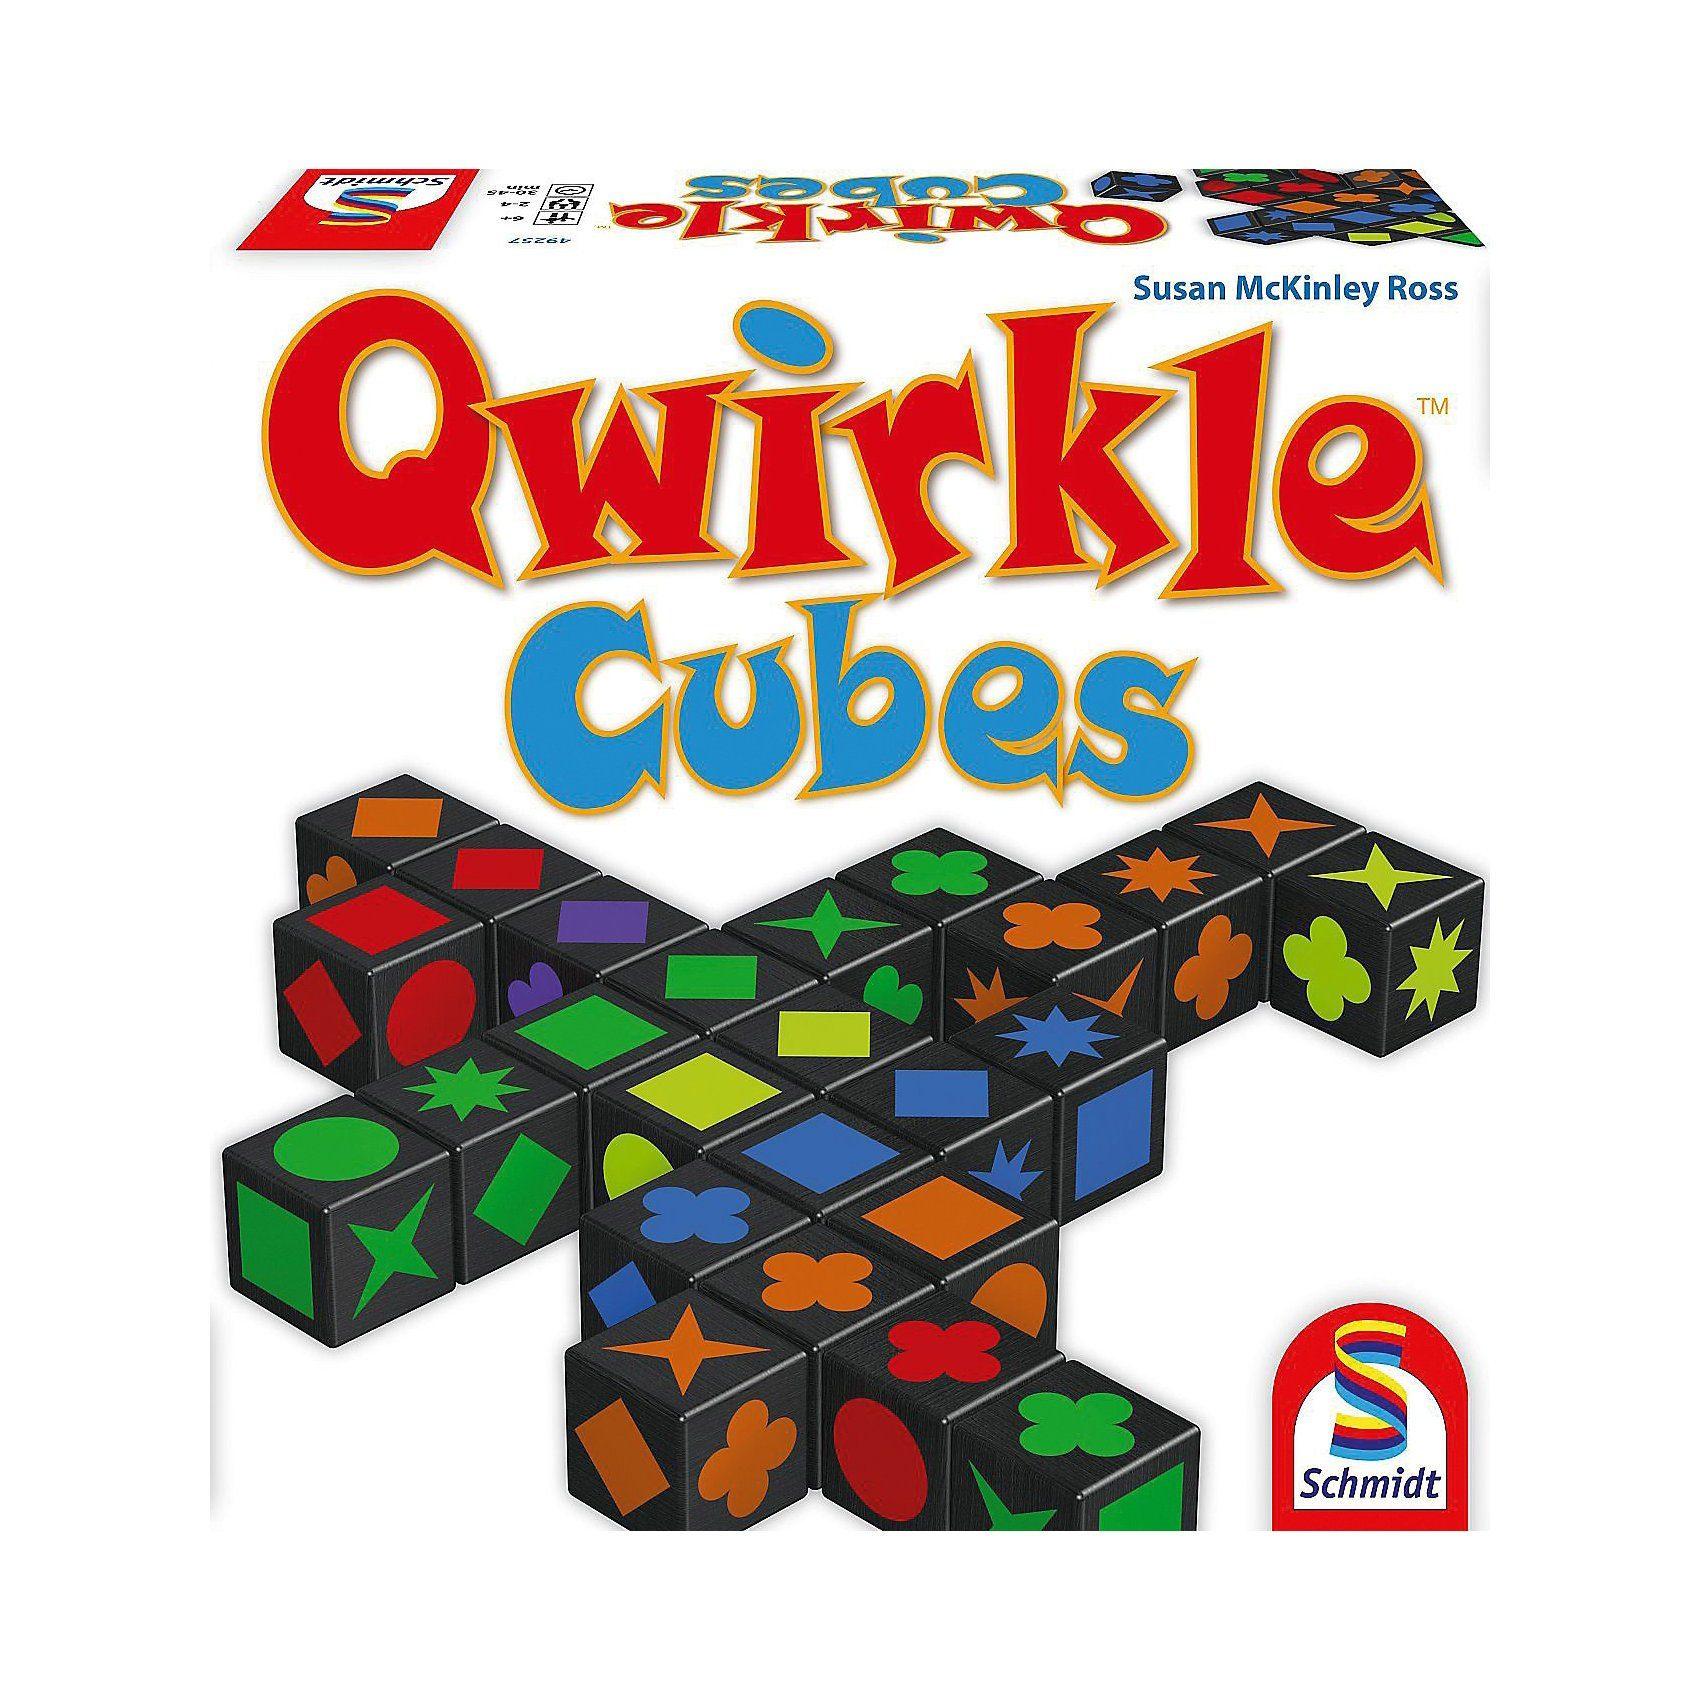 Schmidt Spiele Qwirkle Cubes